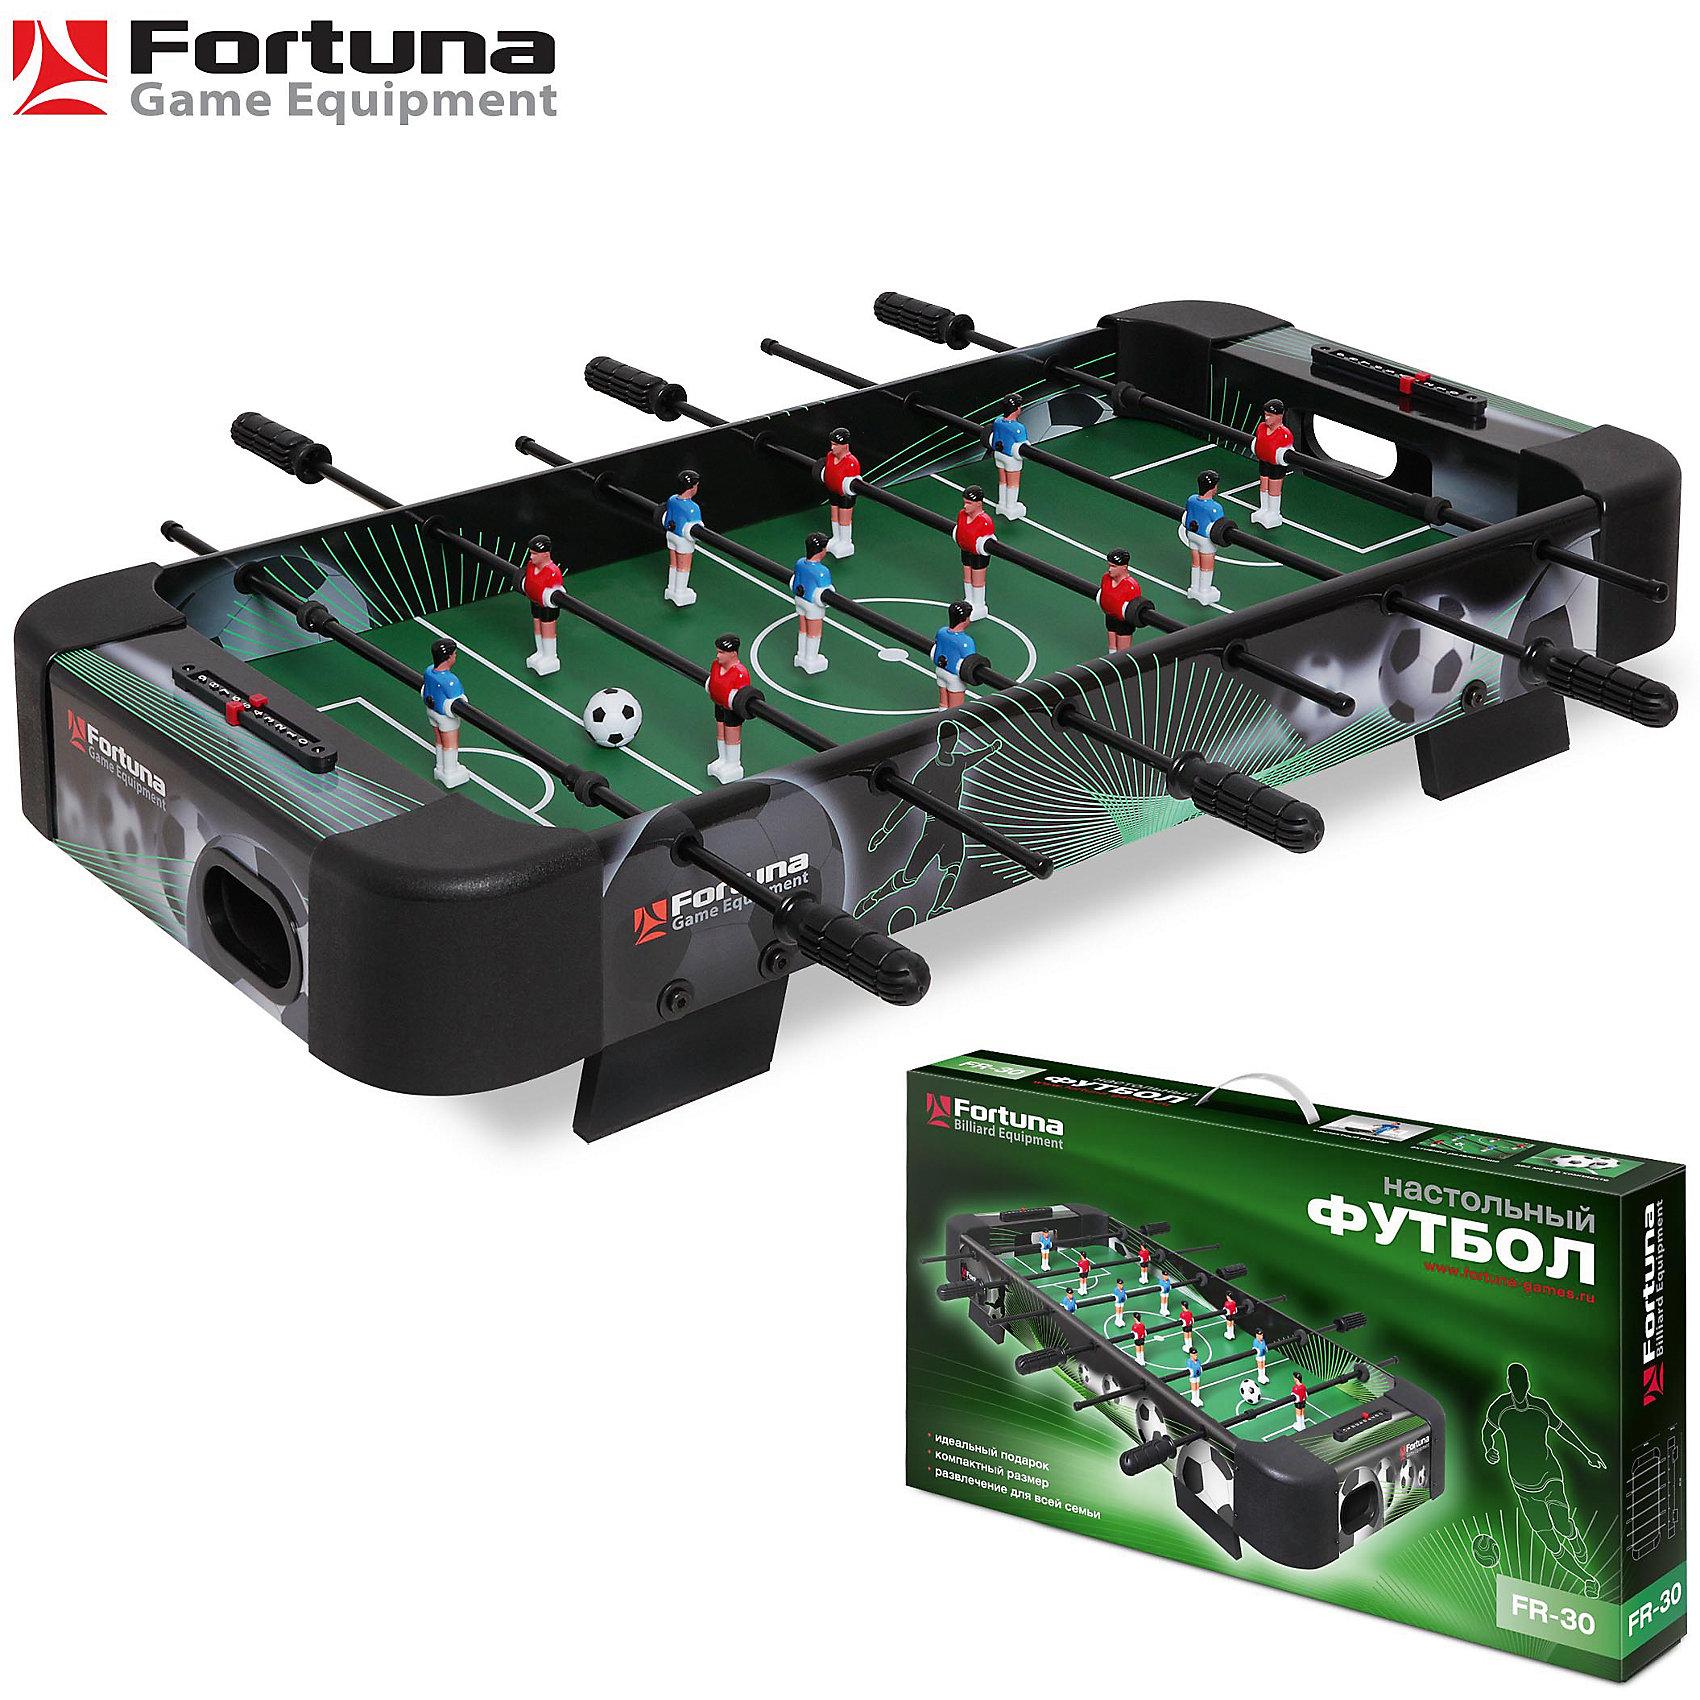 Настольный футбол-кикер, FR-30, 83,5x40x15 см, FortunaНастольный футбол-кикер, FR-30<br><br>Характеристики игрового набора Fortuna Game Equipment:<br><br>• размер стола в собранном виде: 83х40х15 см;<br>• вес: 4,75 кг<br>• размер игрового поля: 69х37 см;<br>• не регулируется по высоте;<br>• мячи: 4 шт, диаметр 29 мм;<br>• материла корпуса + покрытие: МДФ/ПВХ;<br>• материал рукояток: резина;<br>• материал штанг: металл, количество штанг: 6 шт.;<br>• размер упаковки: 82х45х14 см;<br>• вес упаковки: 7,3 кг;<br>• упаковка: мастер-коробка, коммерческая коробка, МДФ, пенопласт, полиэтилен.<br><br>Настольный футбол-кикер, FR-30, 83,5x40x15 см, Fortuna можно купить в нашем интернет-магазине.<br><br>Ширина мм: 820<br>Глубина мм: 140<br>Высота мм: 450<br>Вес г: 7300<br>Возраст от месяцев: 36<br>Возраст до месяцев: 2147483647<br>Пол: Унисекс<br>Возраст: Детский<br>SKU: 5032453